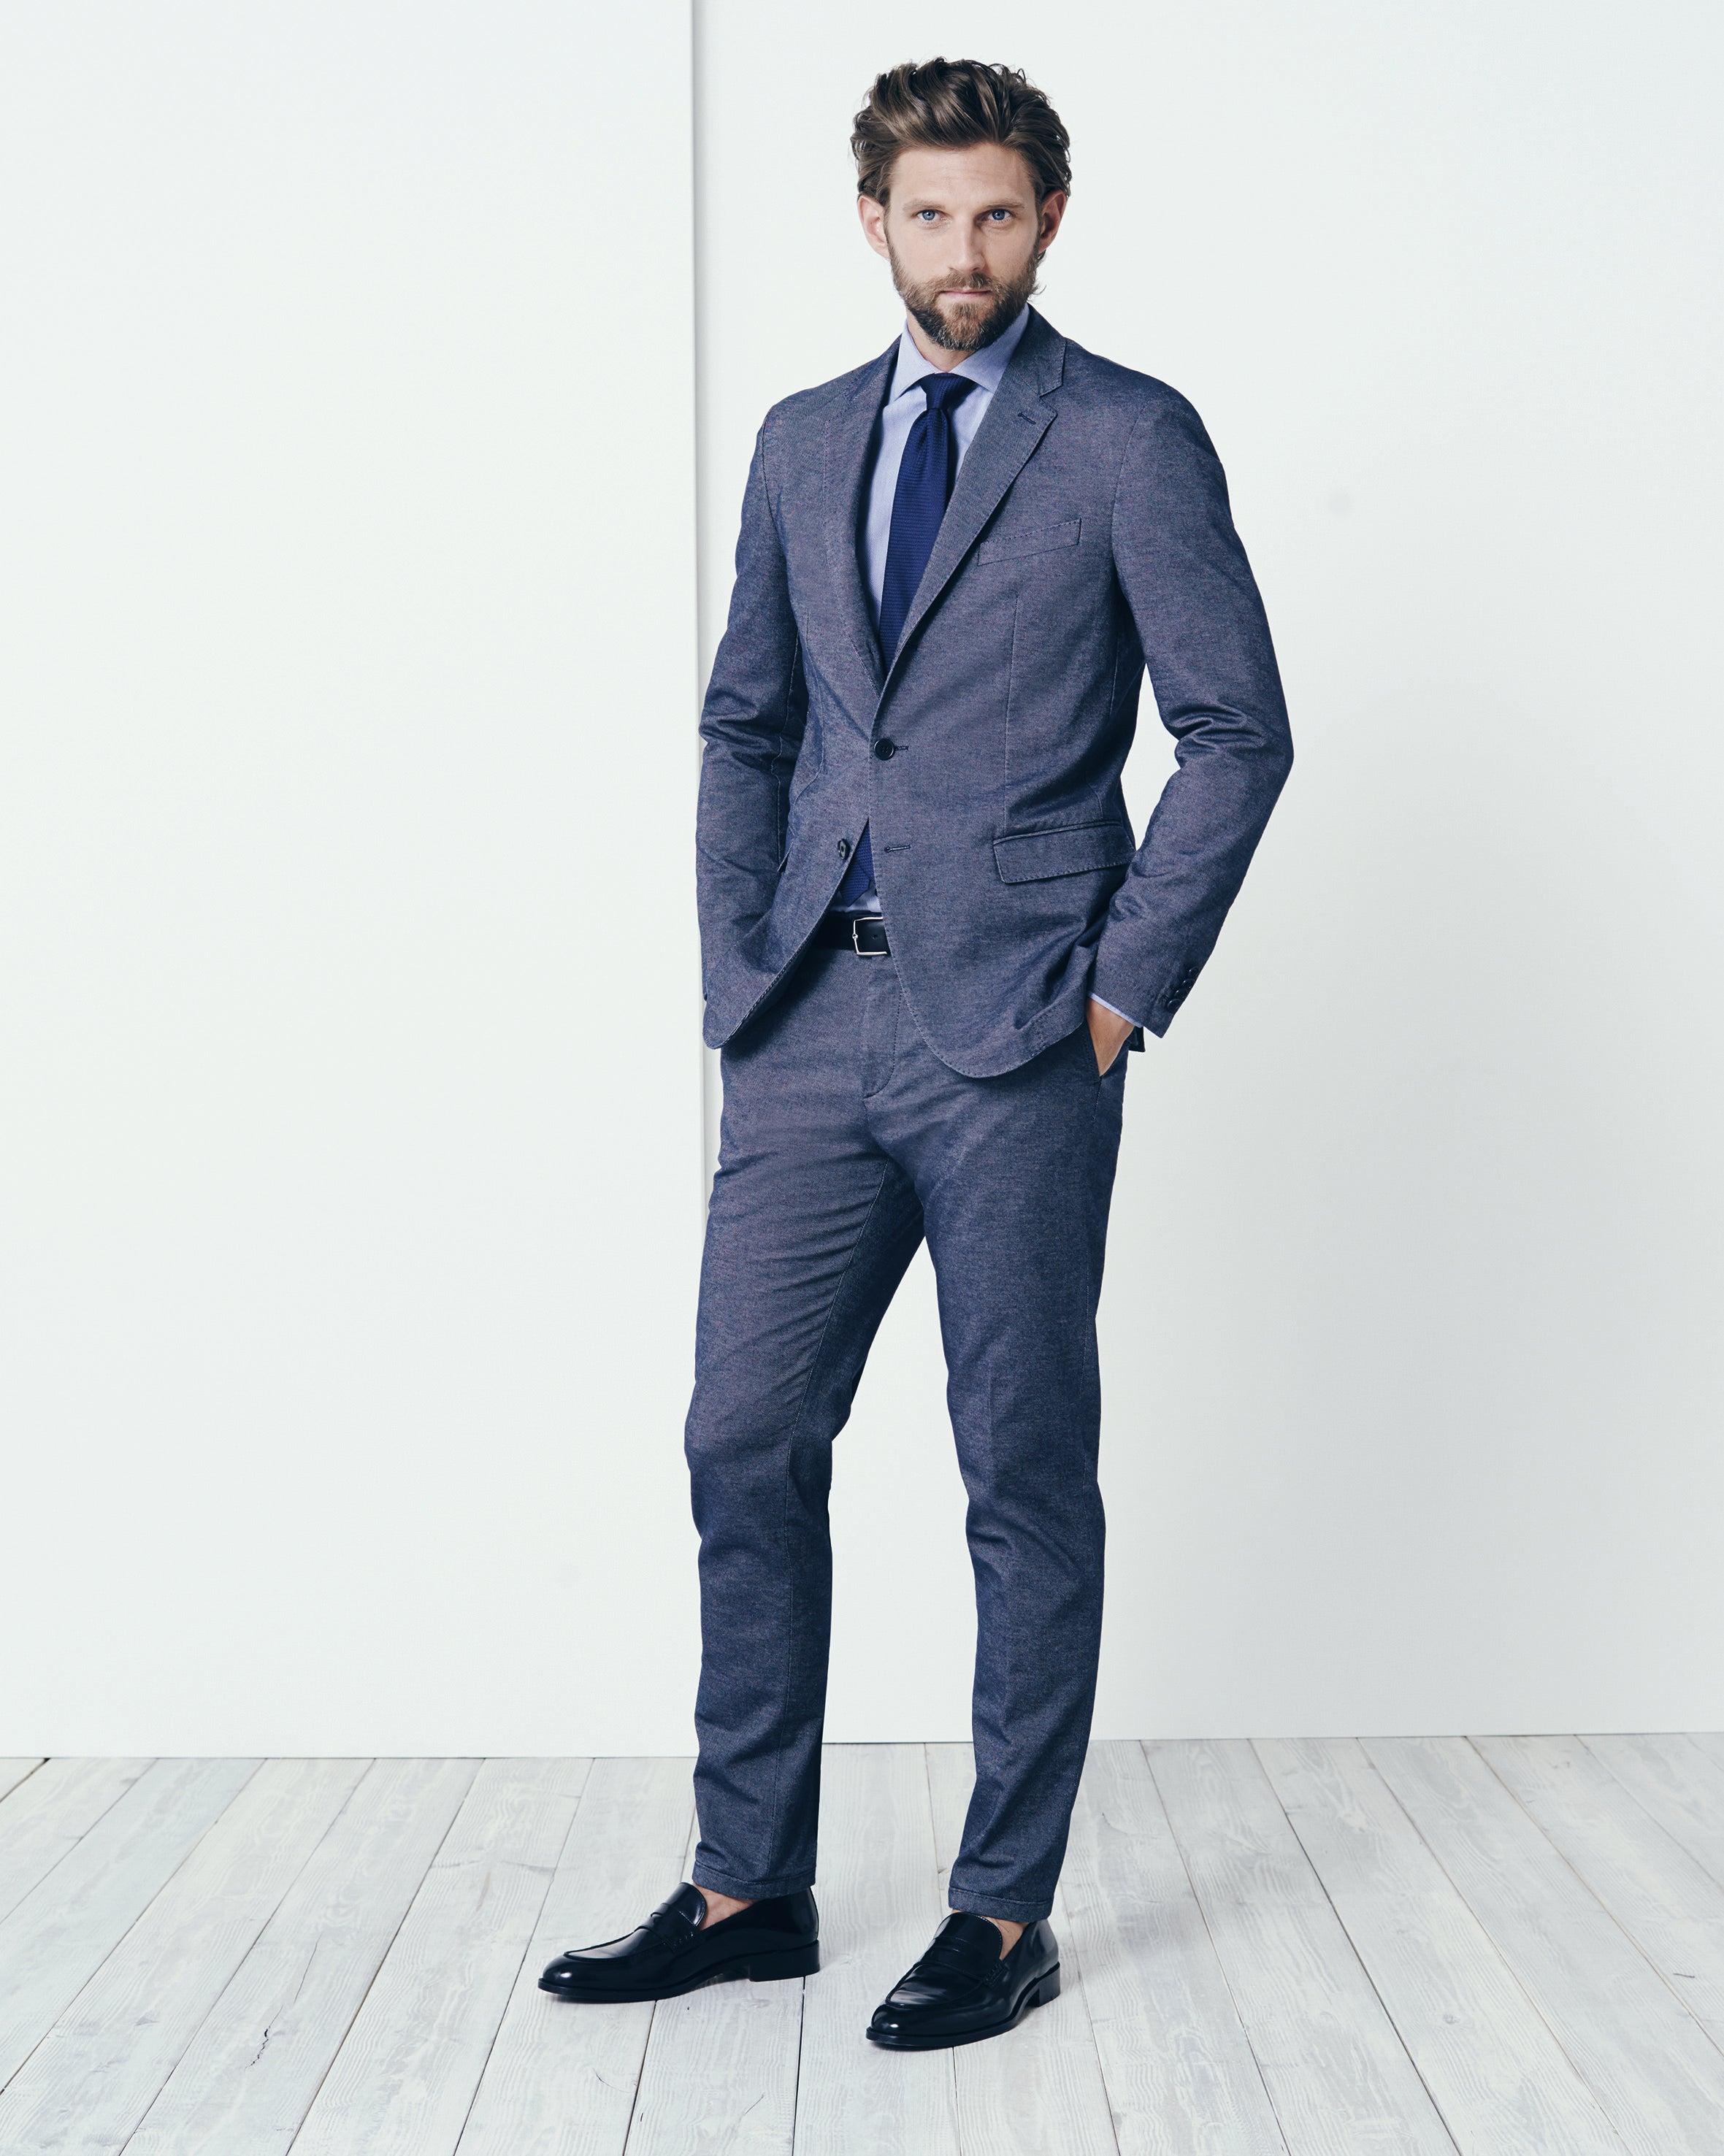 Silk blue suit dress yy for Blue suit grey shirt